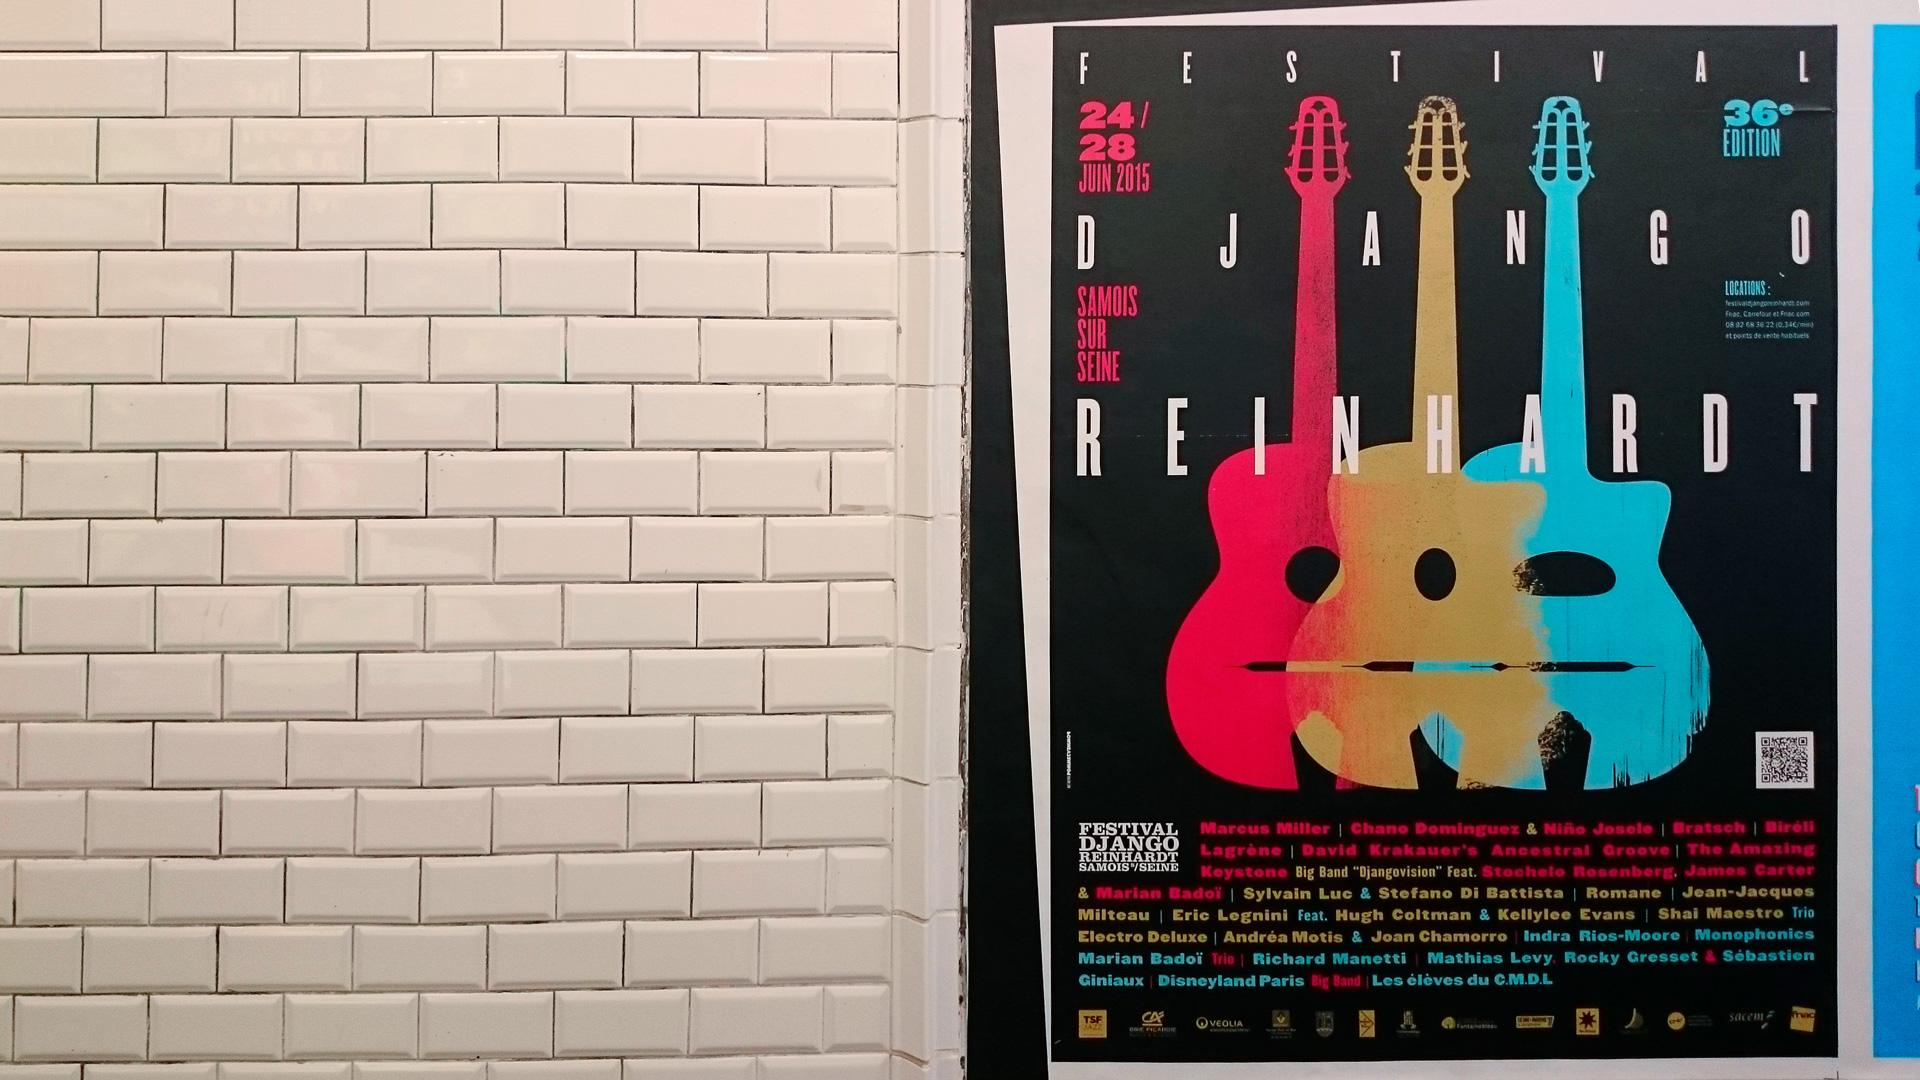 Affiche métro Festival Django Reinhardt conception & création graphique pommeC pommeV graphisme & illiustration Christophe Andrusin